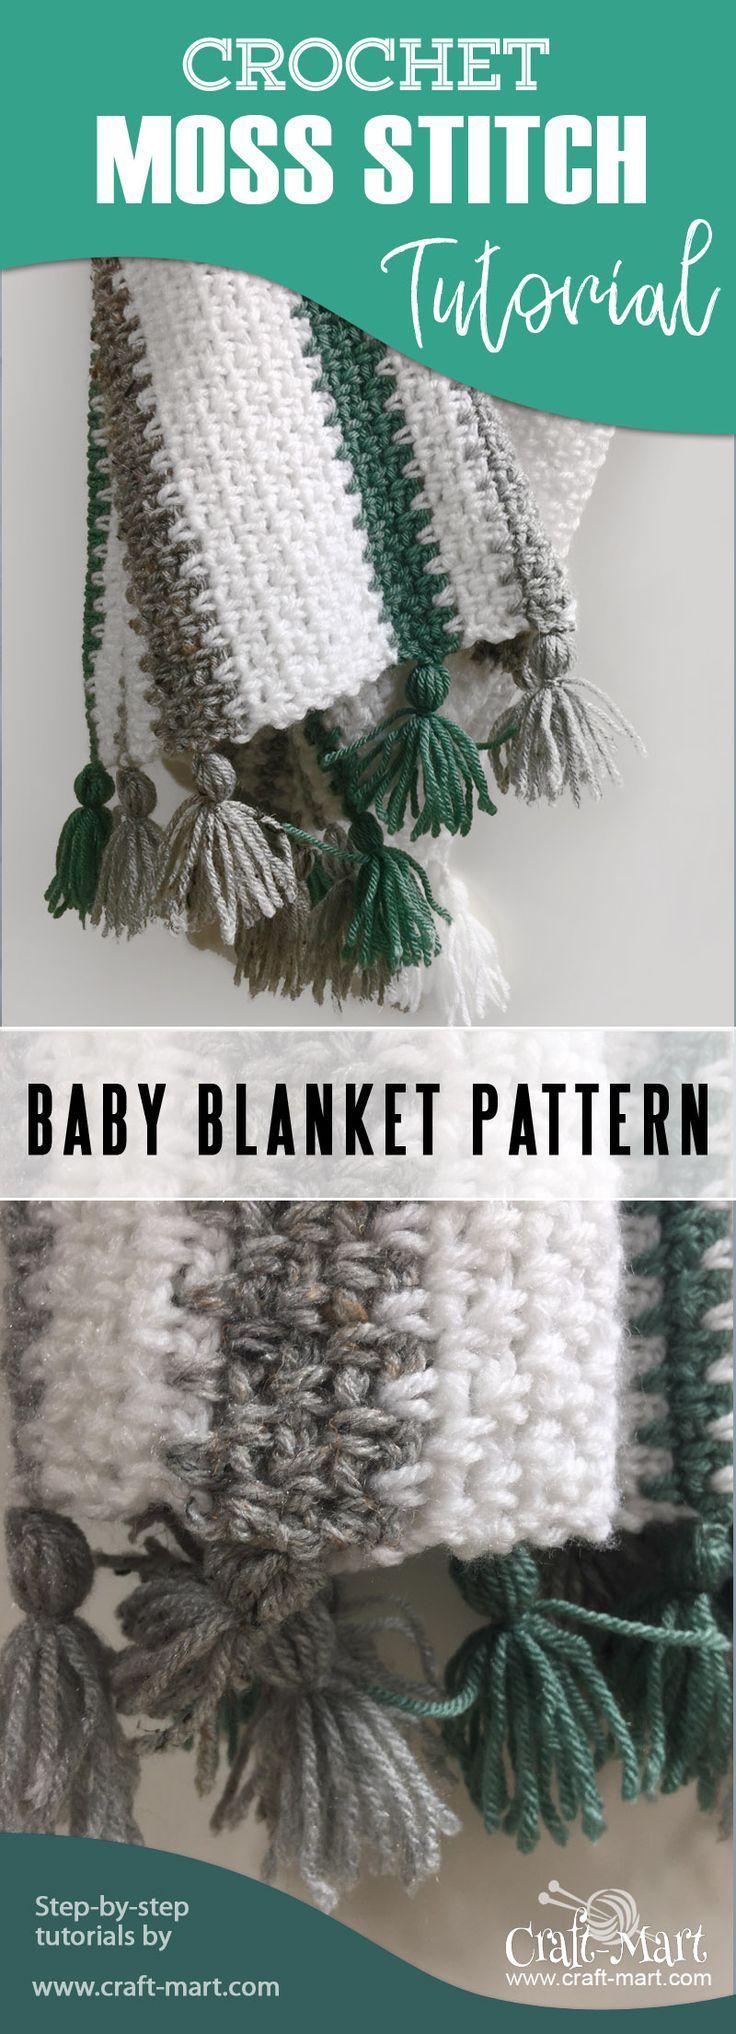 Patrón de manta para bebé fácil de tejer (Cómo tejer una manta con puntada de musgo